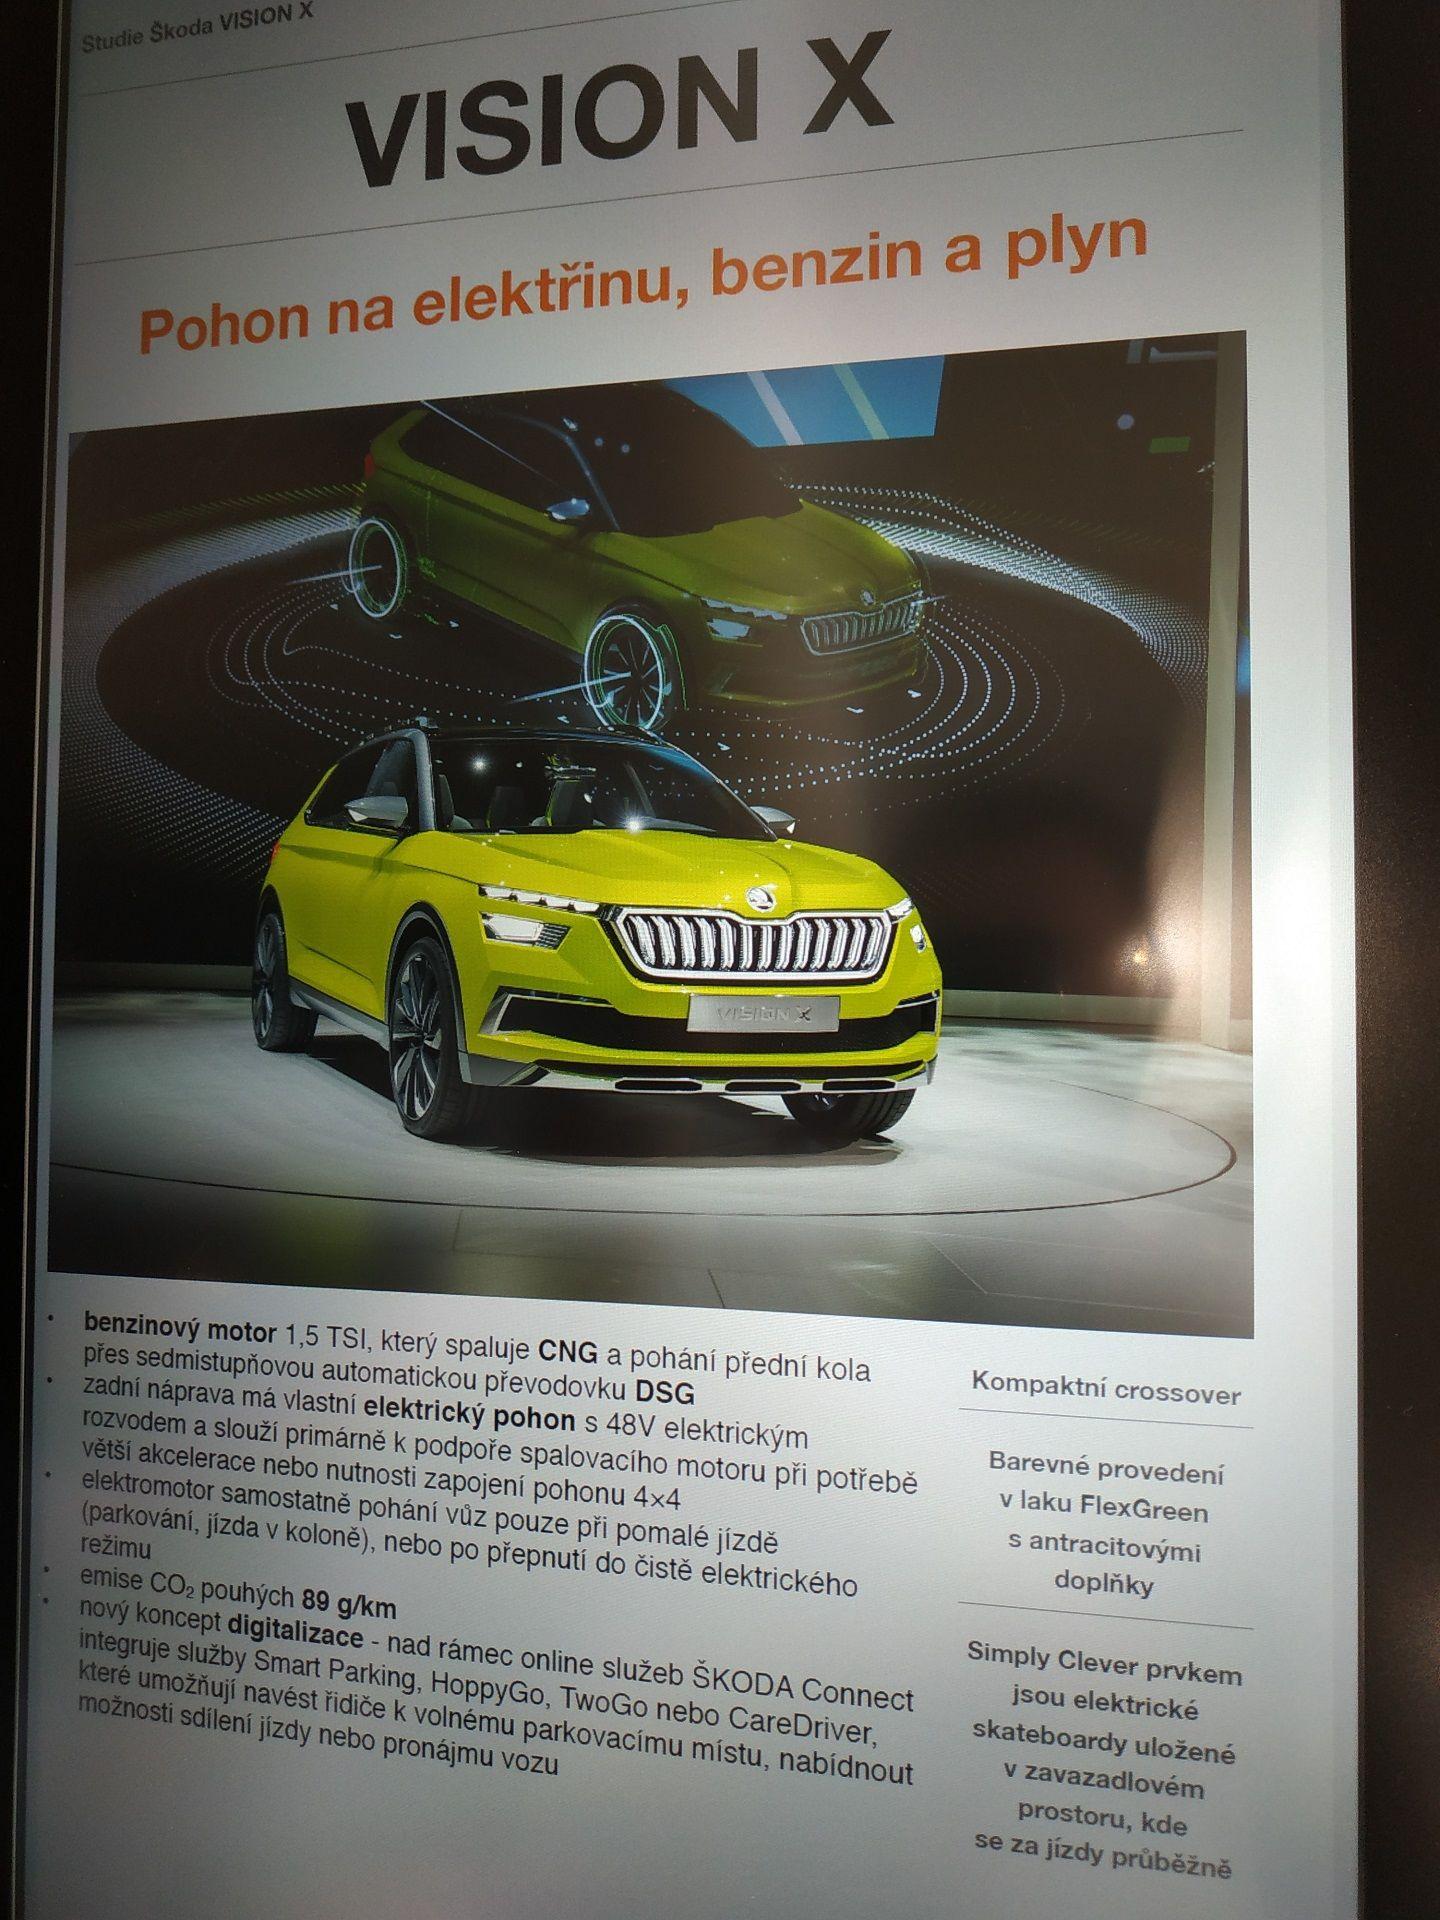 Škoda Vision X - text